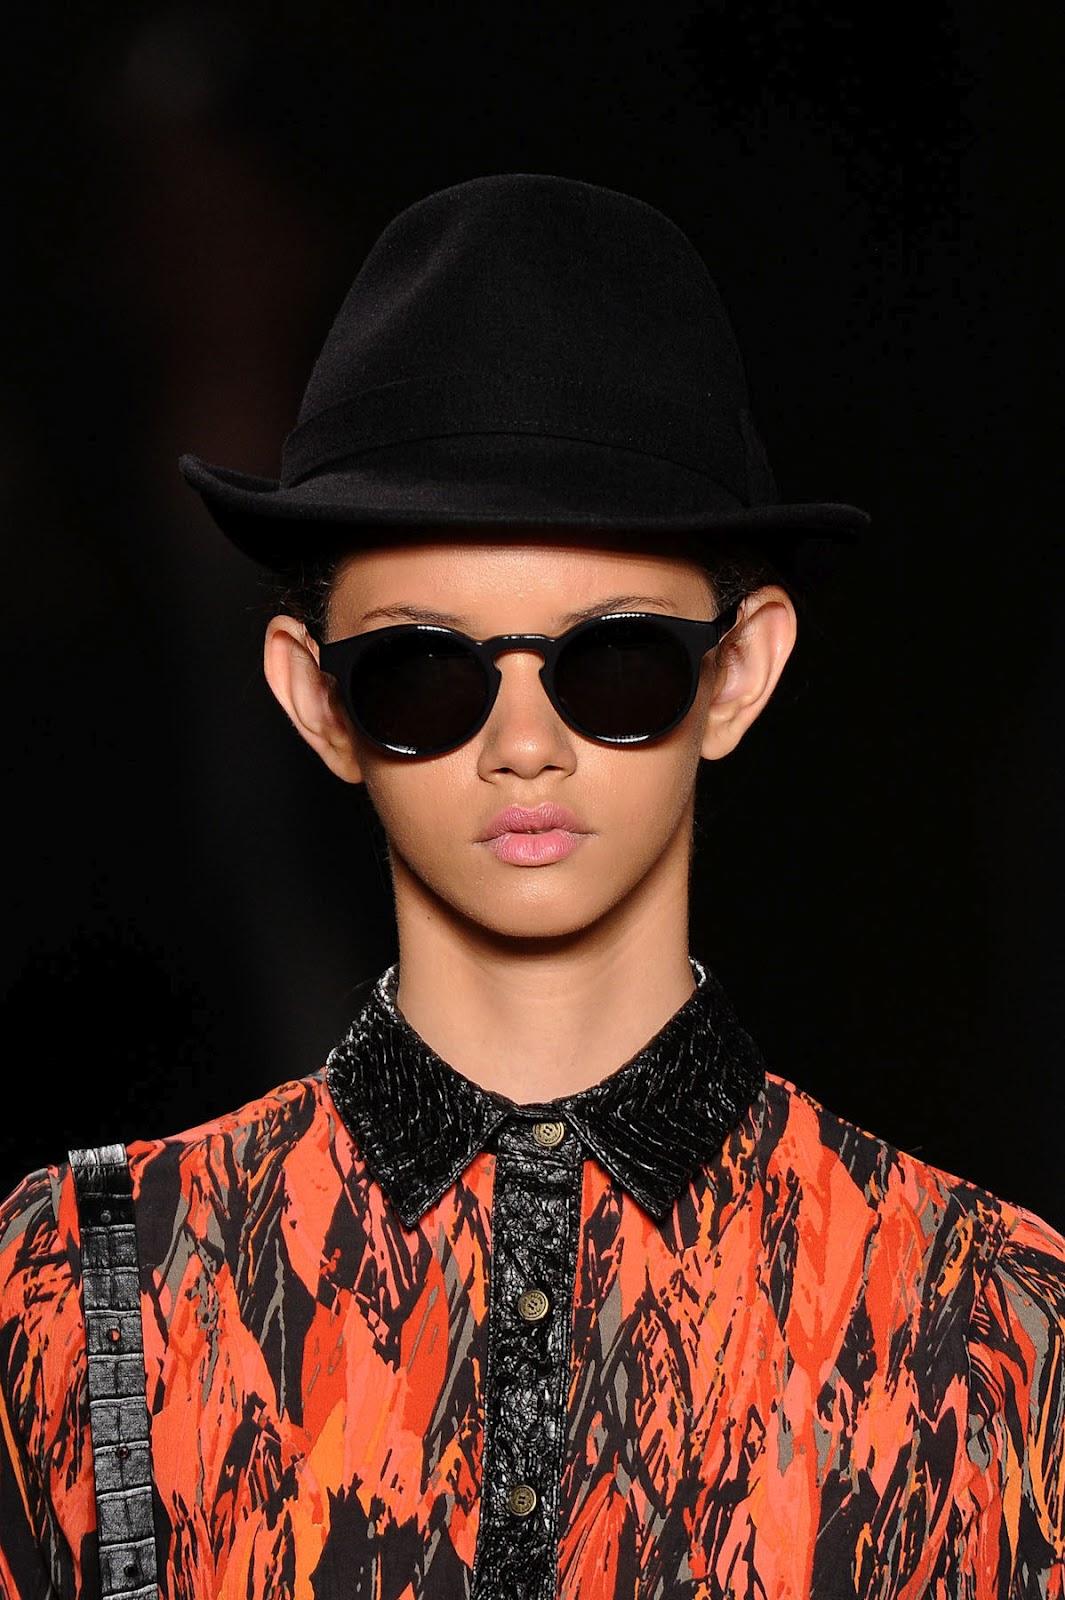 http://3.bp.blogspot.com/-_YDTZ_QLYfQ/UCu5wsKtbMI/AAAAAAAAEOg/Mqj0DAkvlX0/s1600/43+marina+nery+fashion+show+%252840%2529.jpg